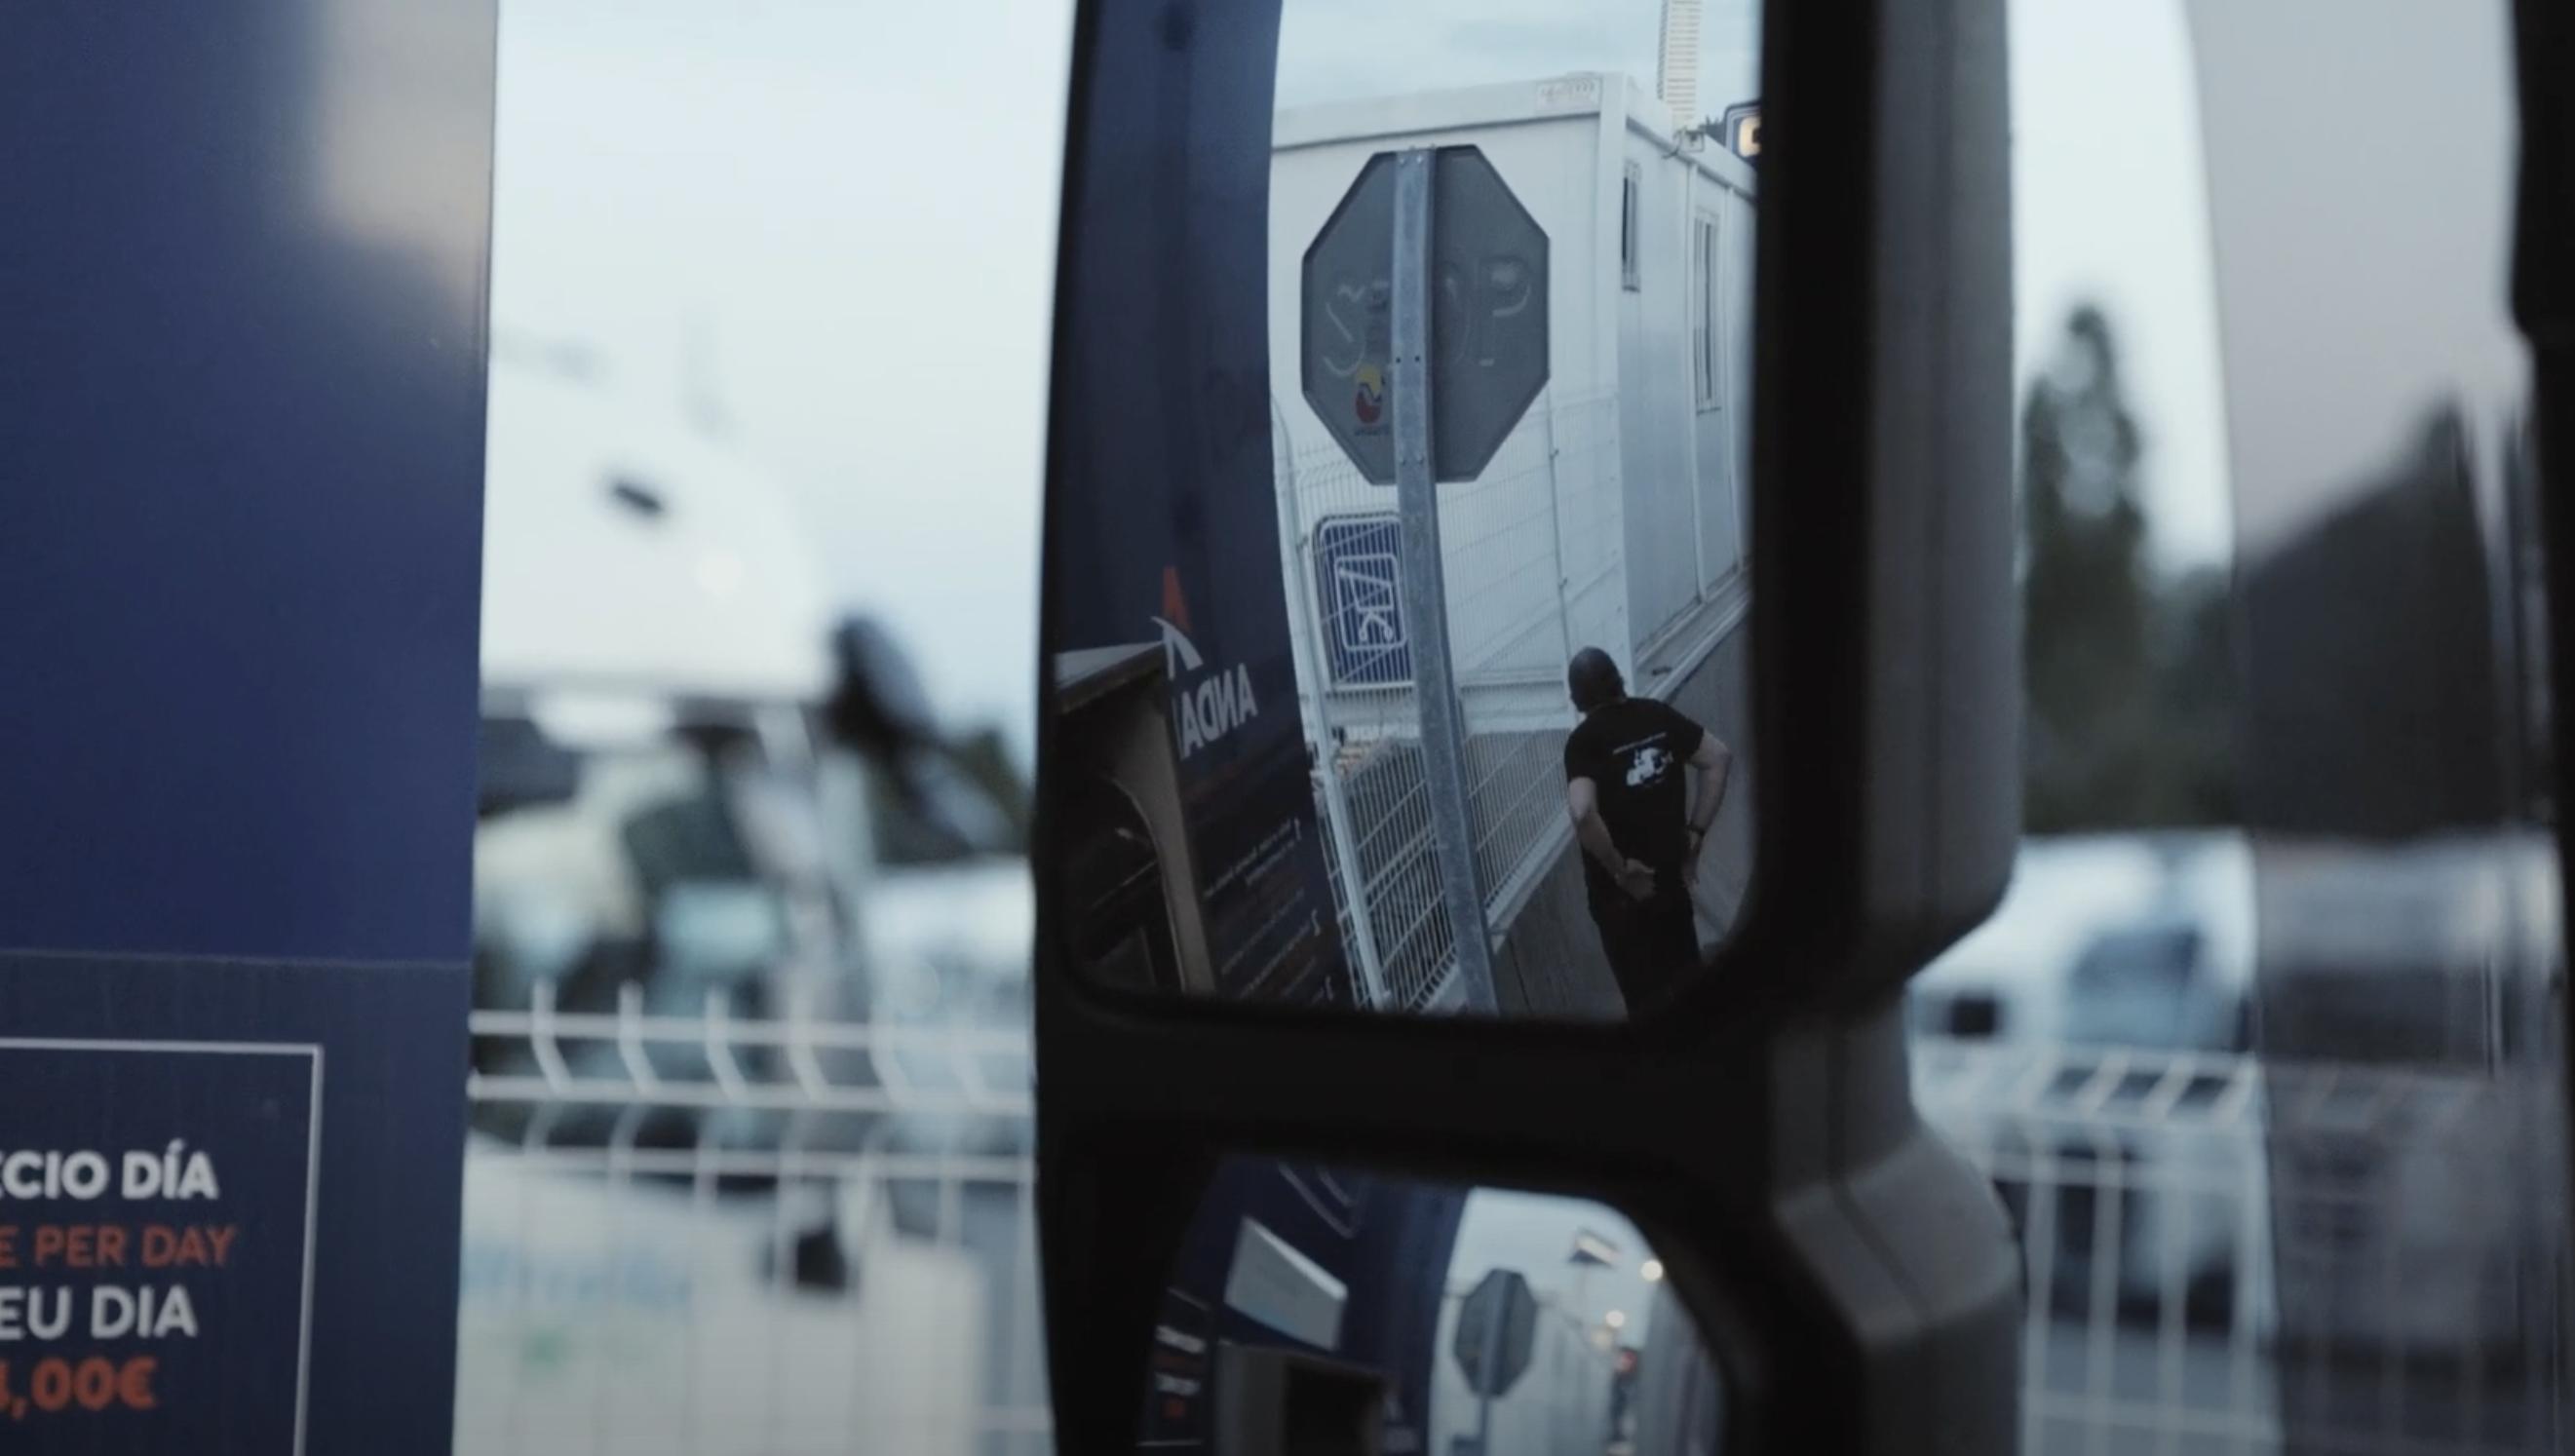 Documental sobre la rutina diaria de un conductor de camión